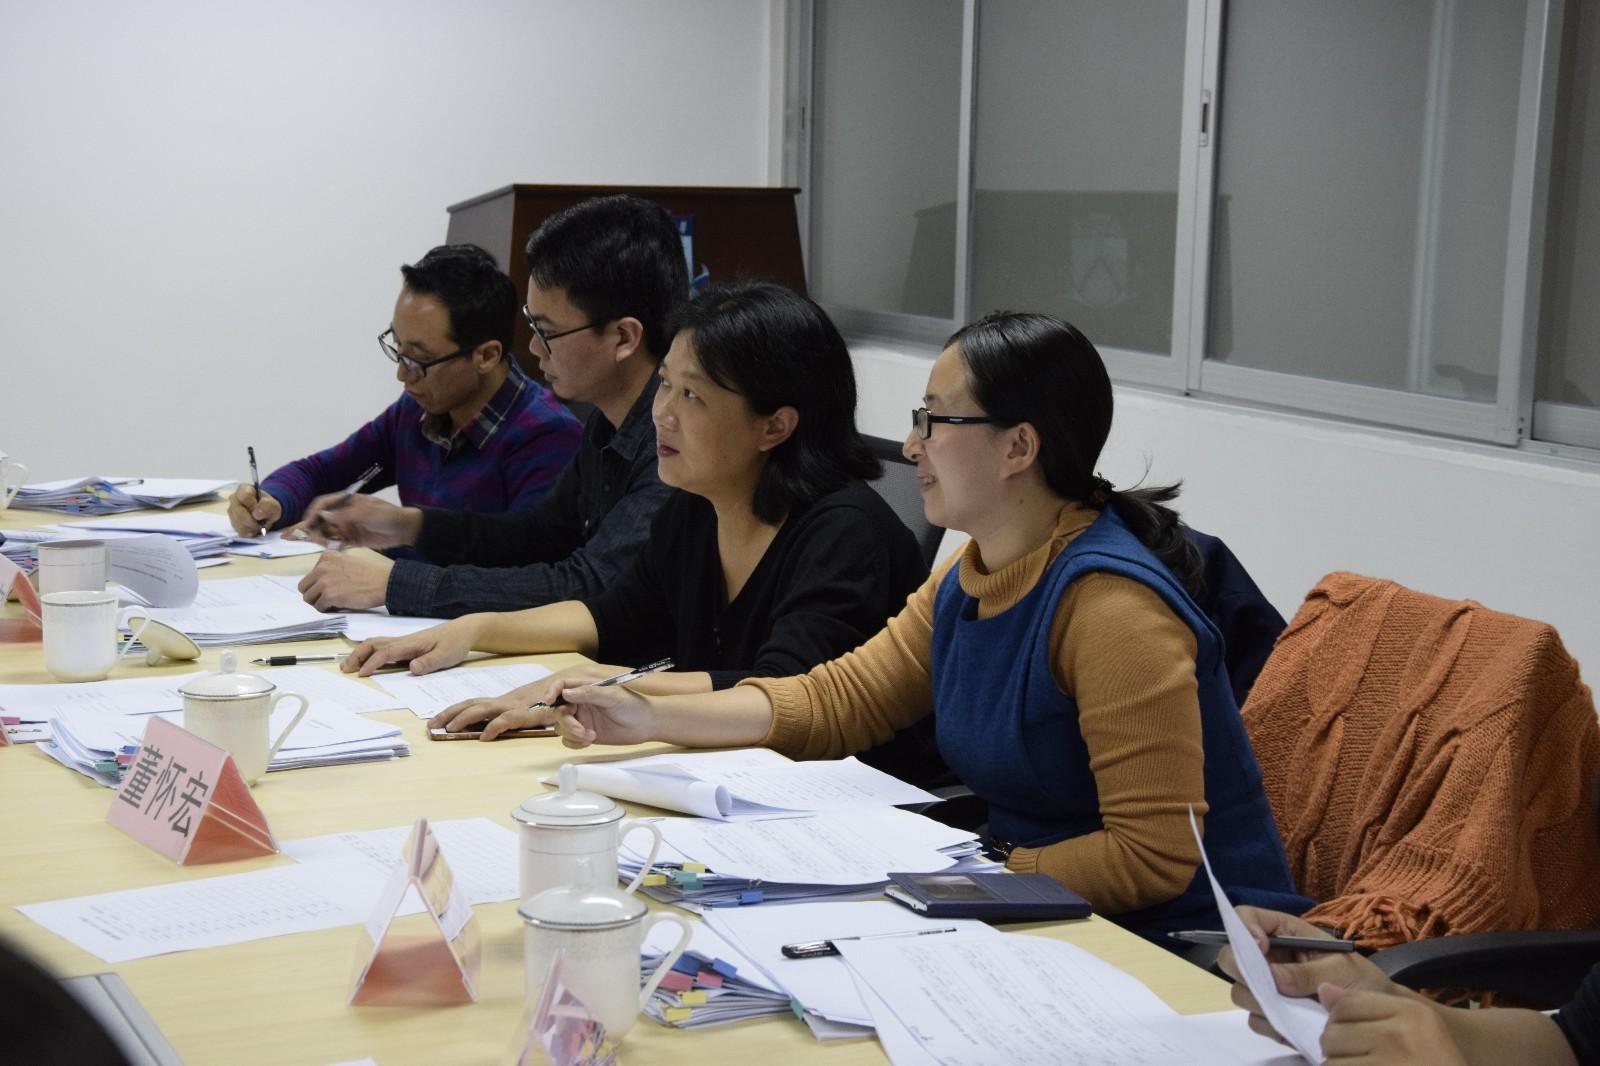 第三届合生珠江大学生创新创业基金项目终审 暨众创空间首批入驻项目半年评审顺利举行